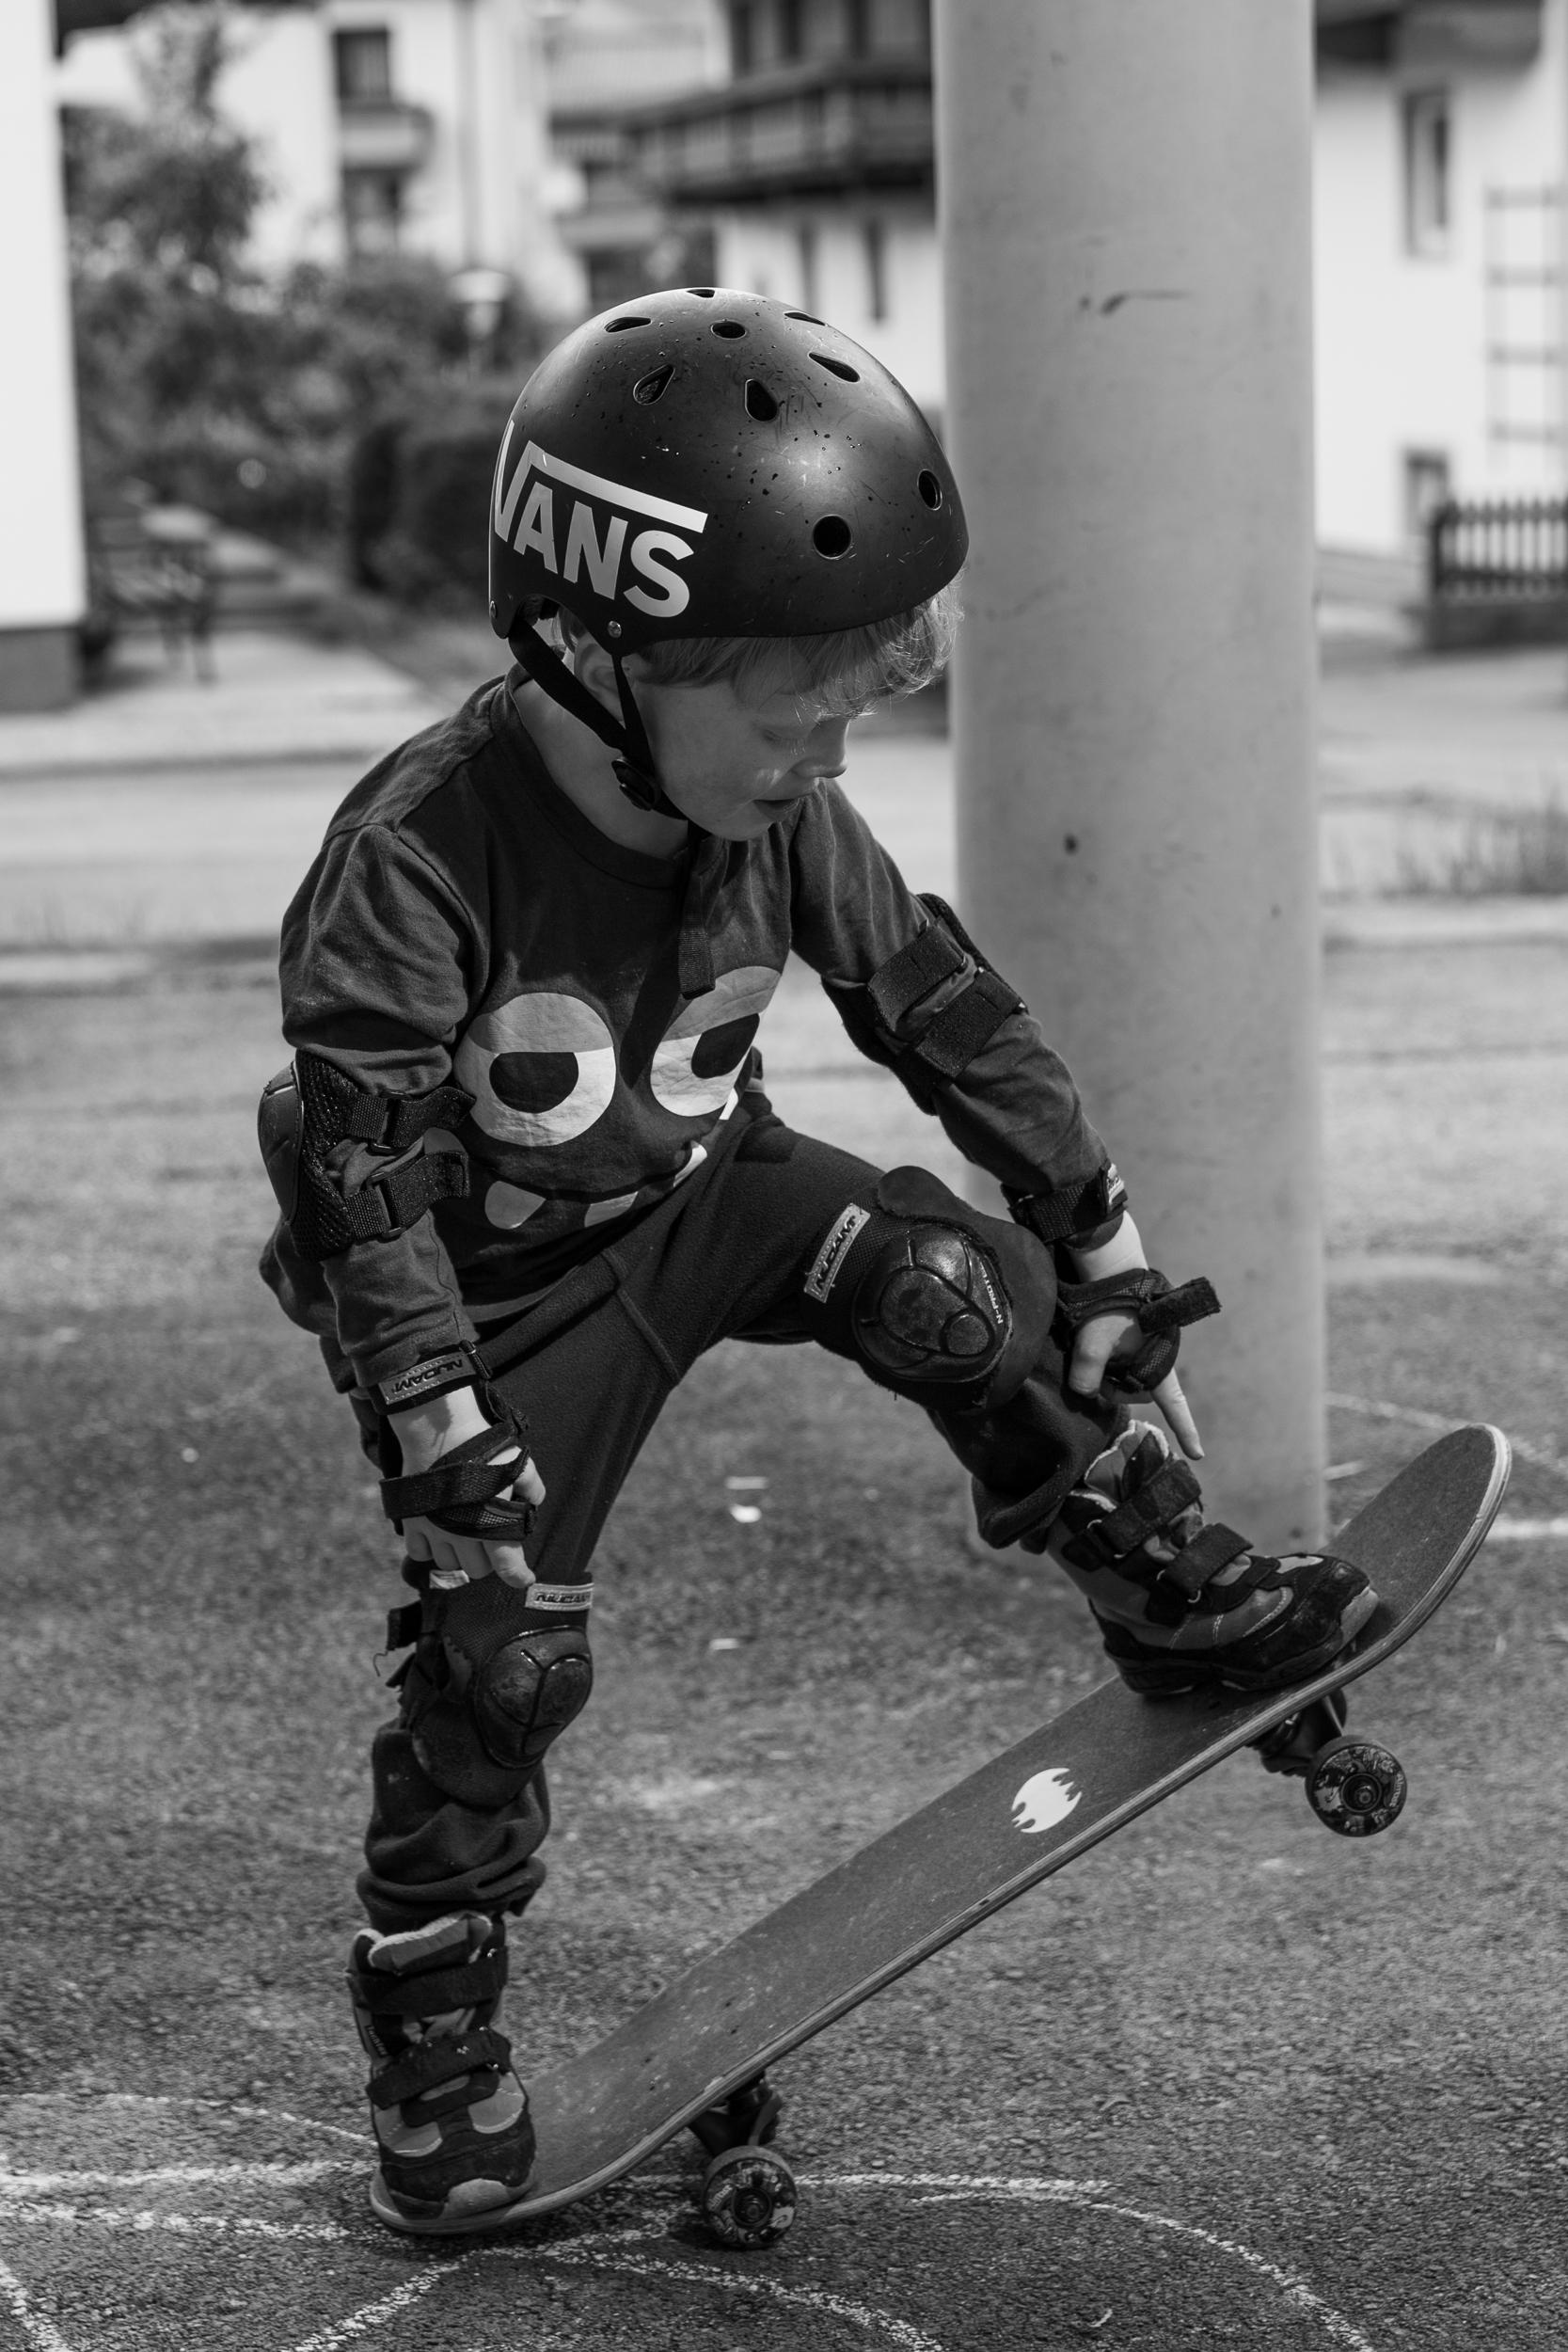 skate practice 19_03.jpg